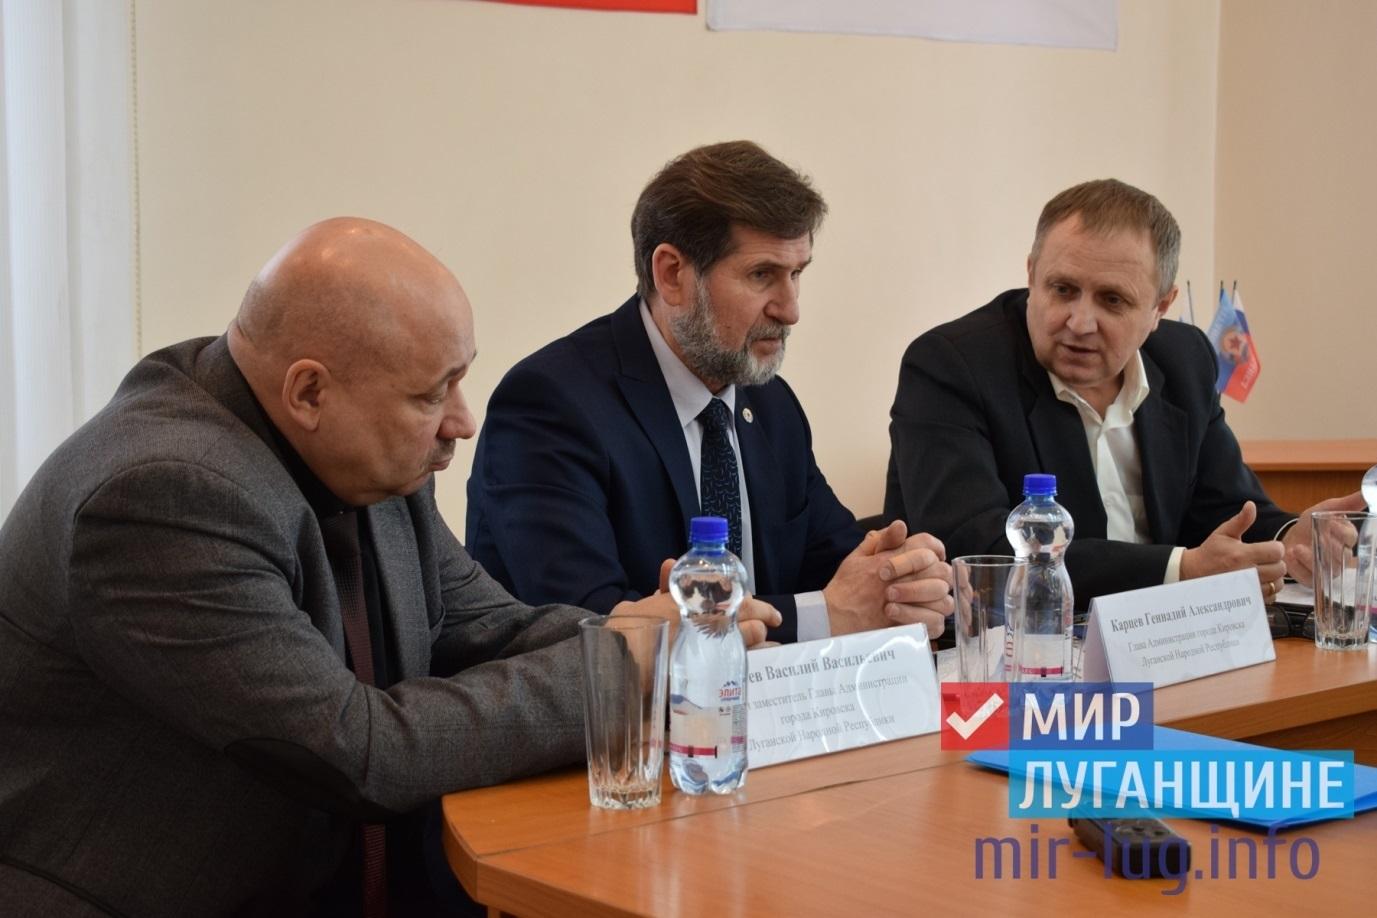 Руководство Минприроды и экологической безопаности провело прием граждан в Кировске 1